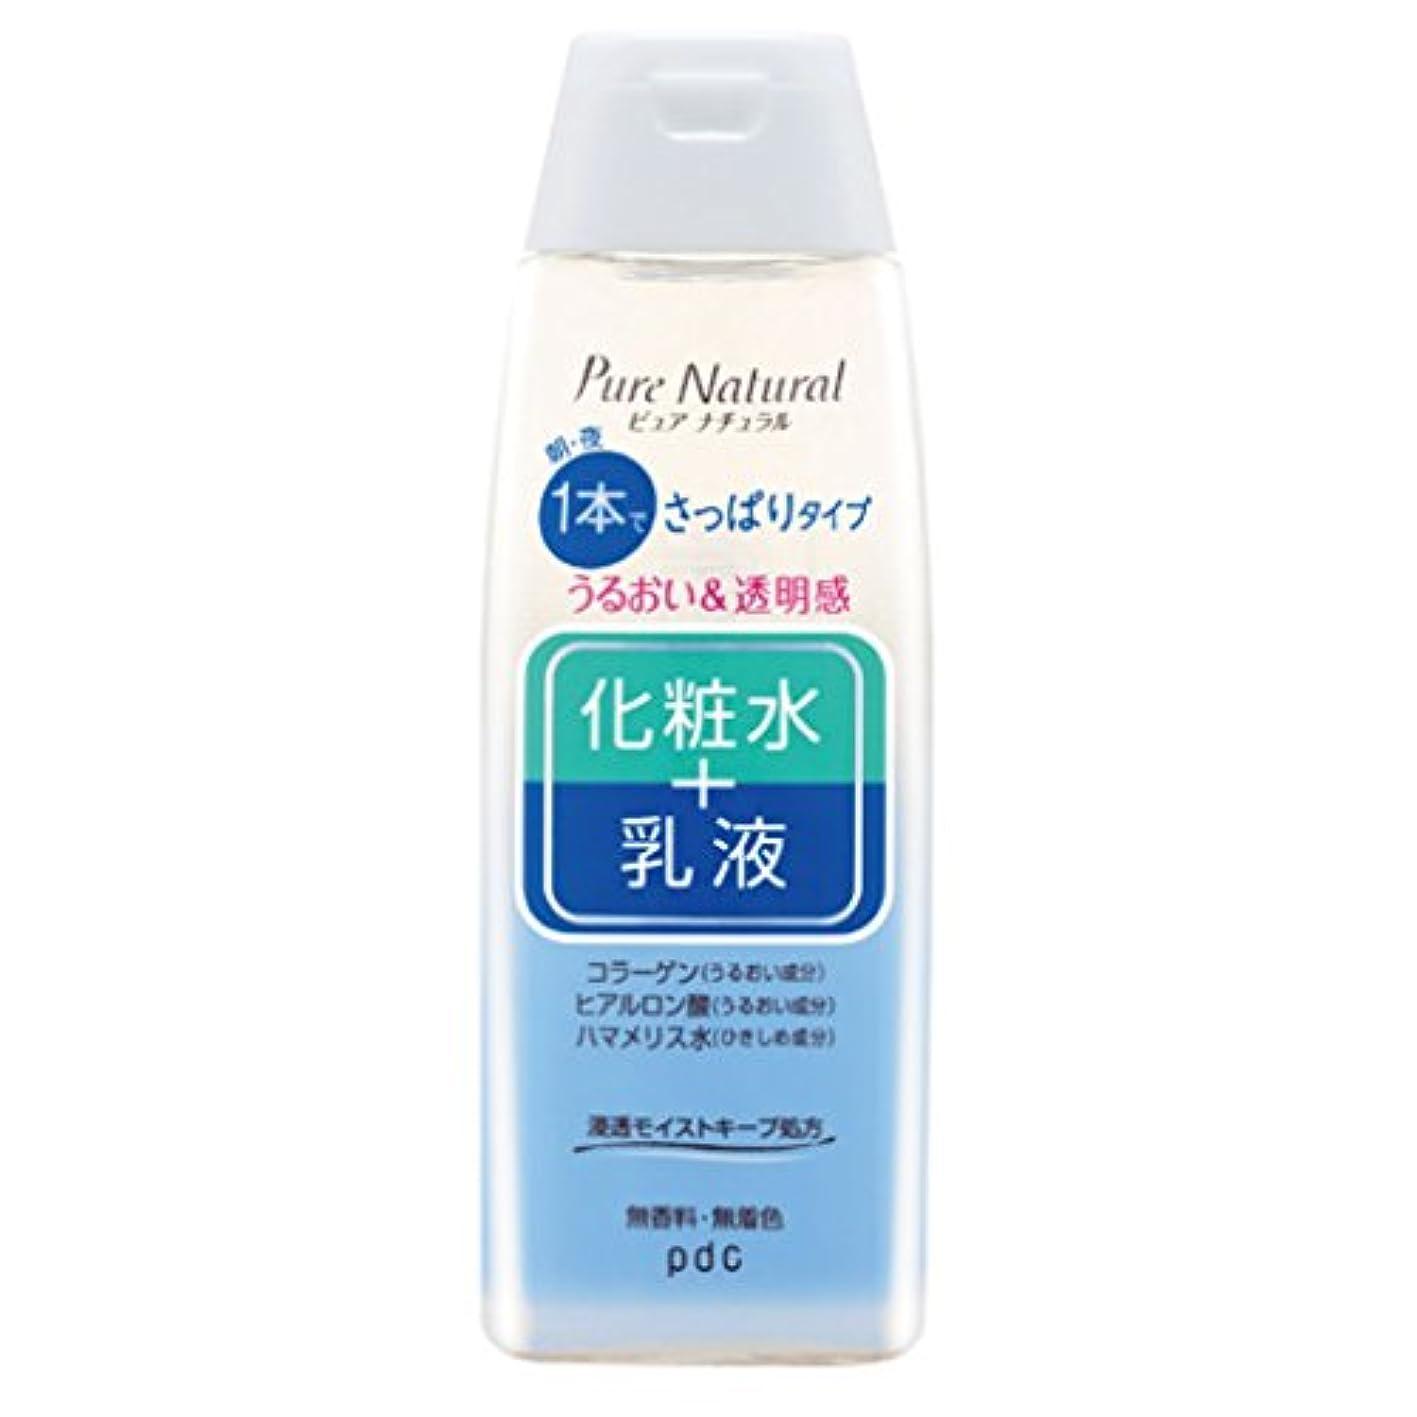 リンケージ動作代理人Pure NATURAL(ピュアナチュラル) エッセンスローションライト 210ml